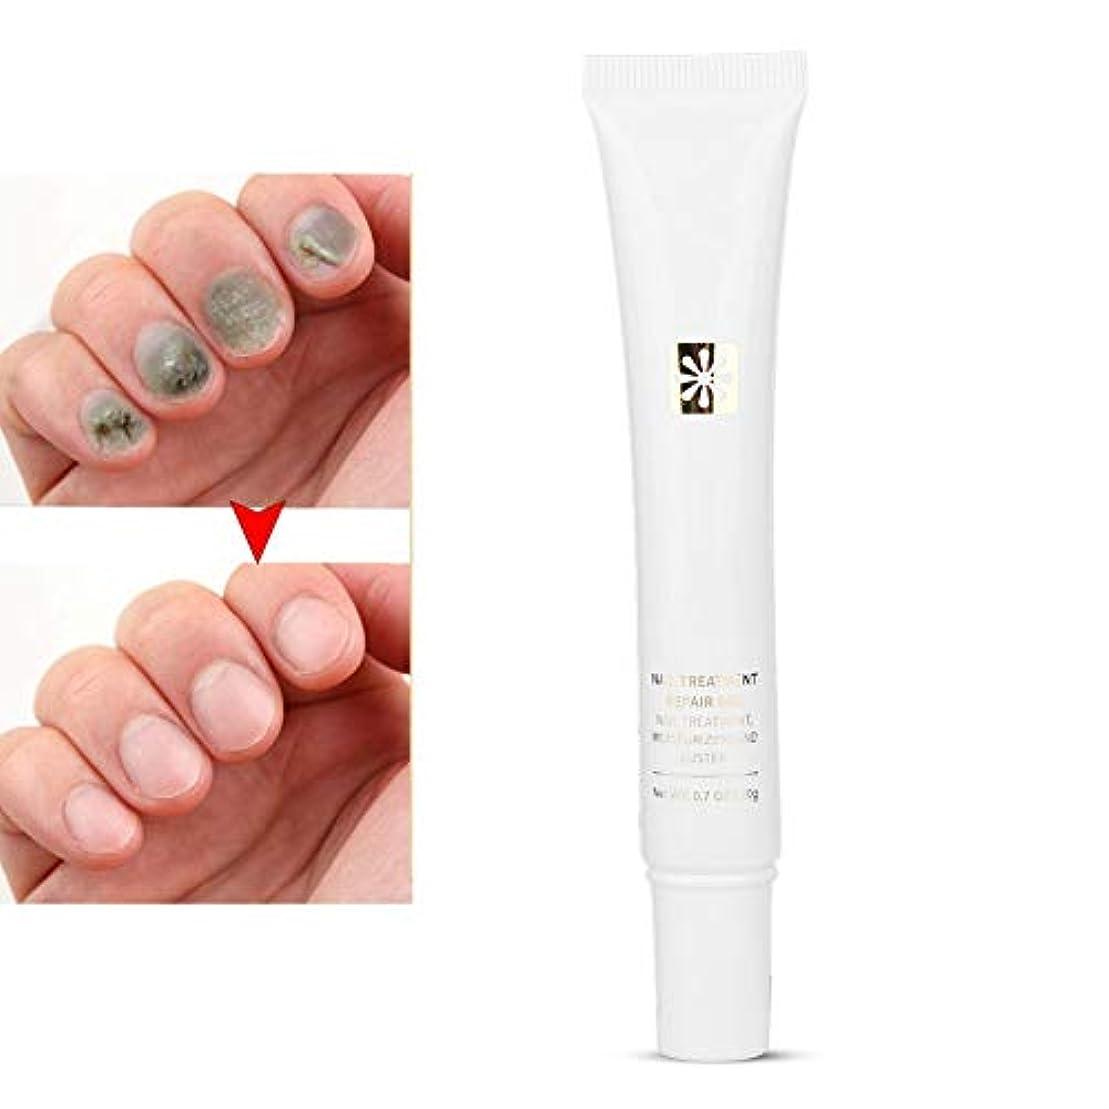 シンプトン少なくとも伝導ネイルケアクリーム、20g爪の補修霜の足のりのなめらかなダメージを受けた爪の回復に効果的です